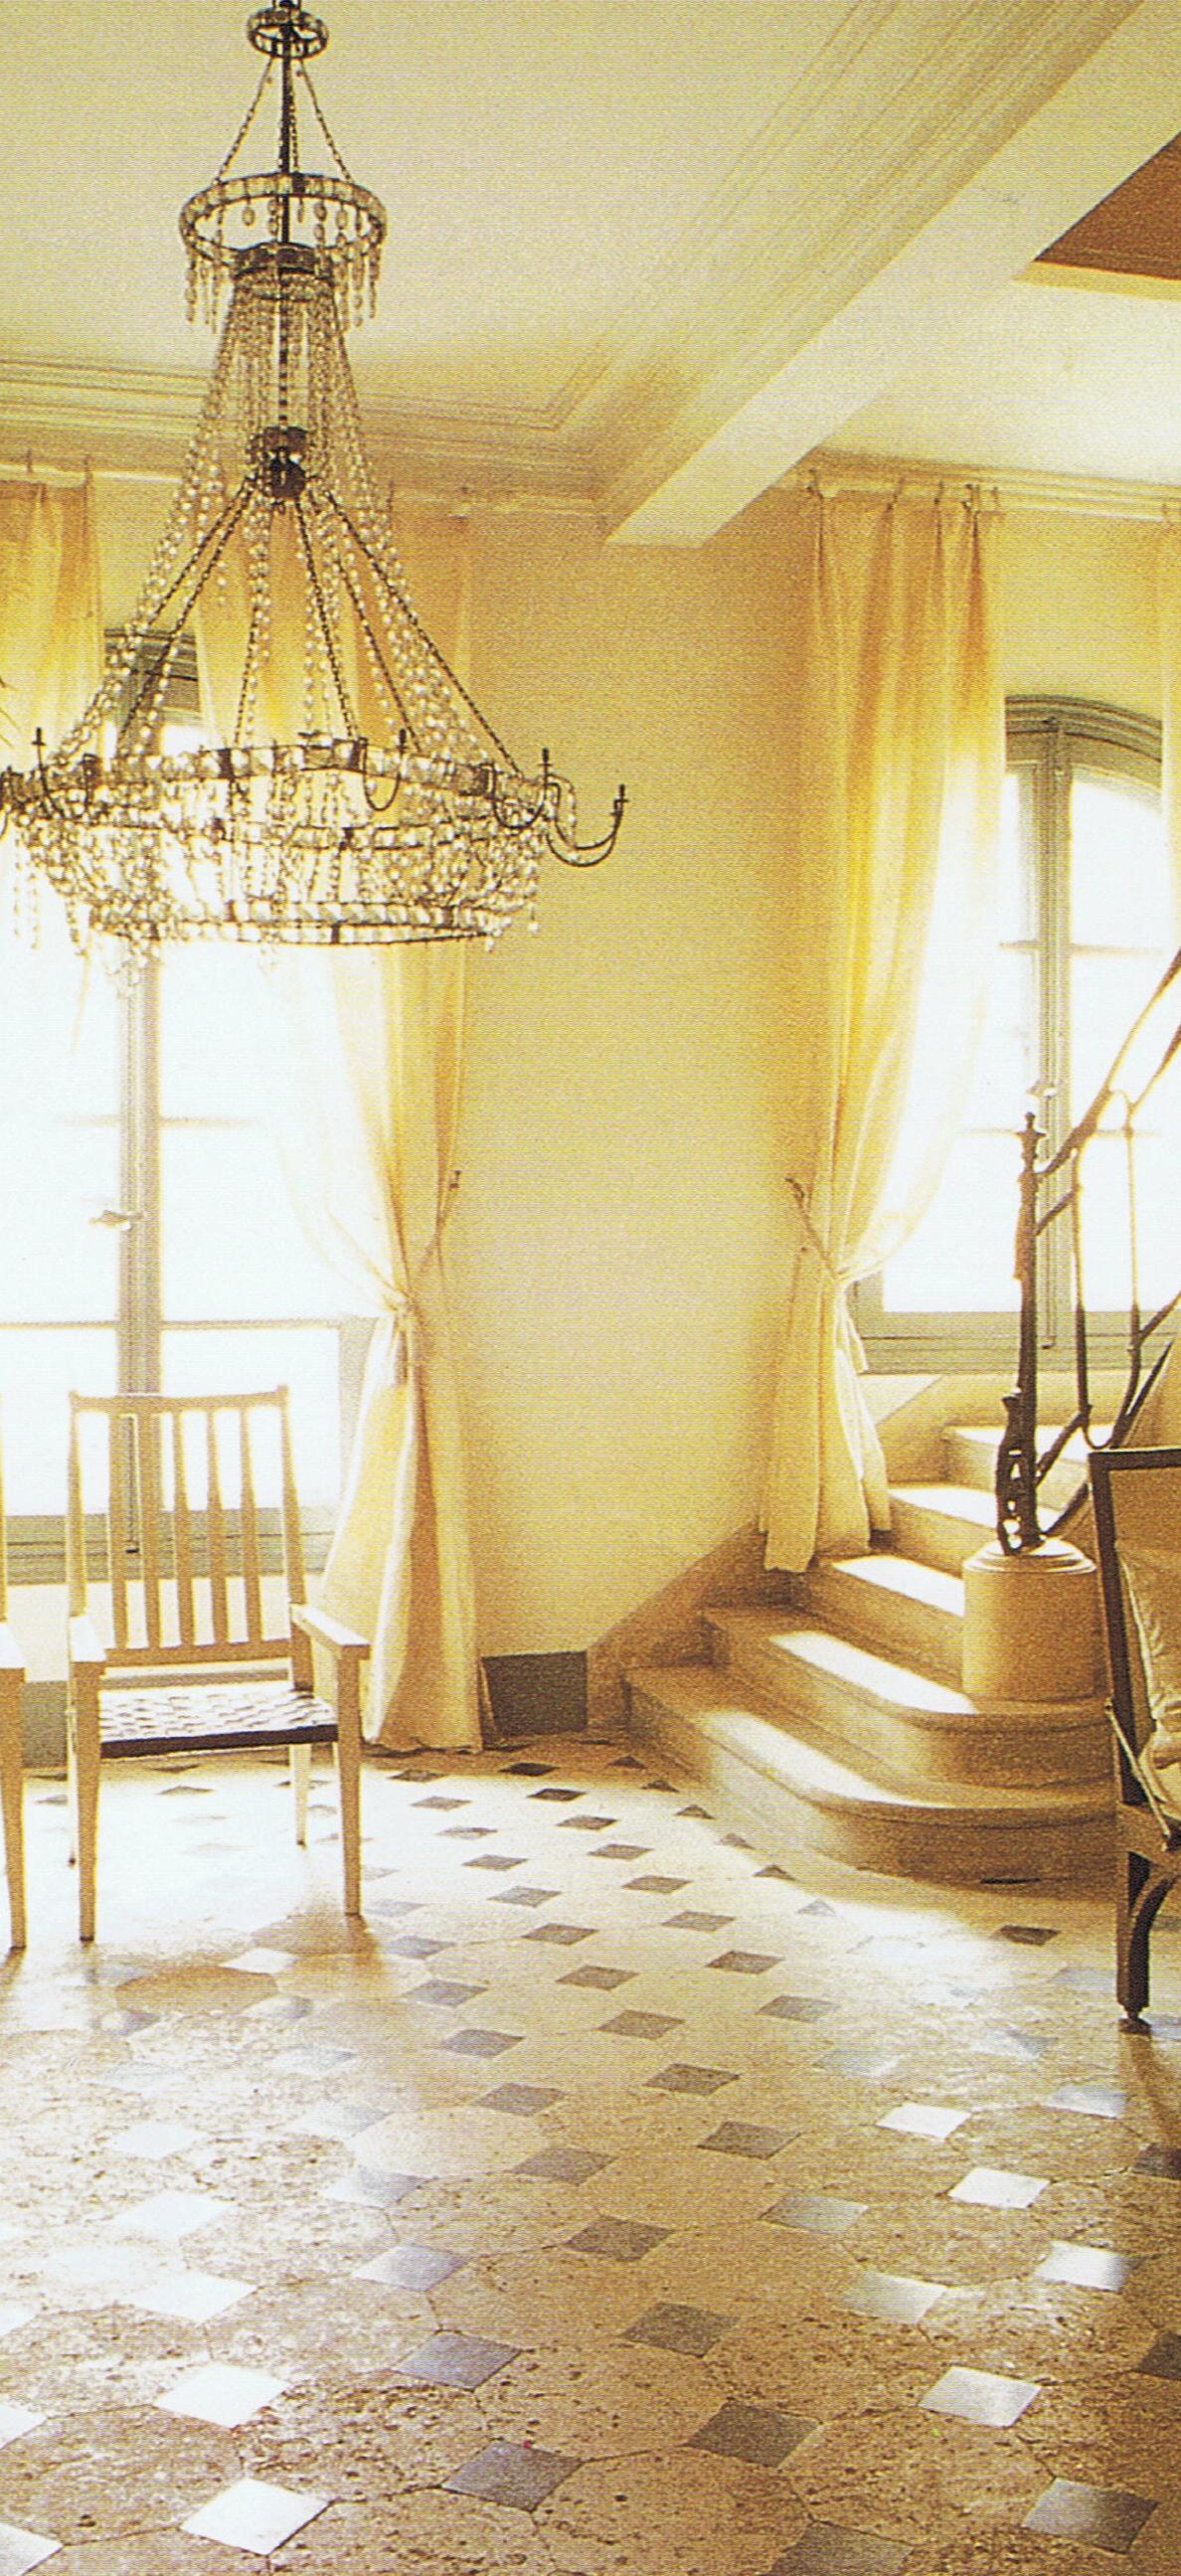 Paris Interiors Isabelle Adjani